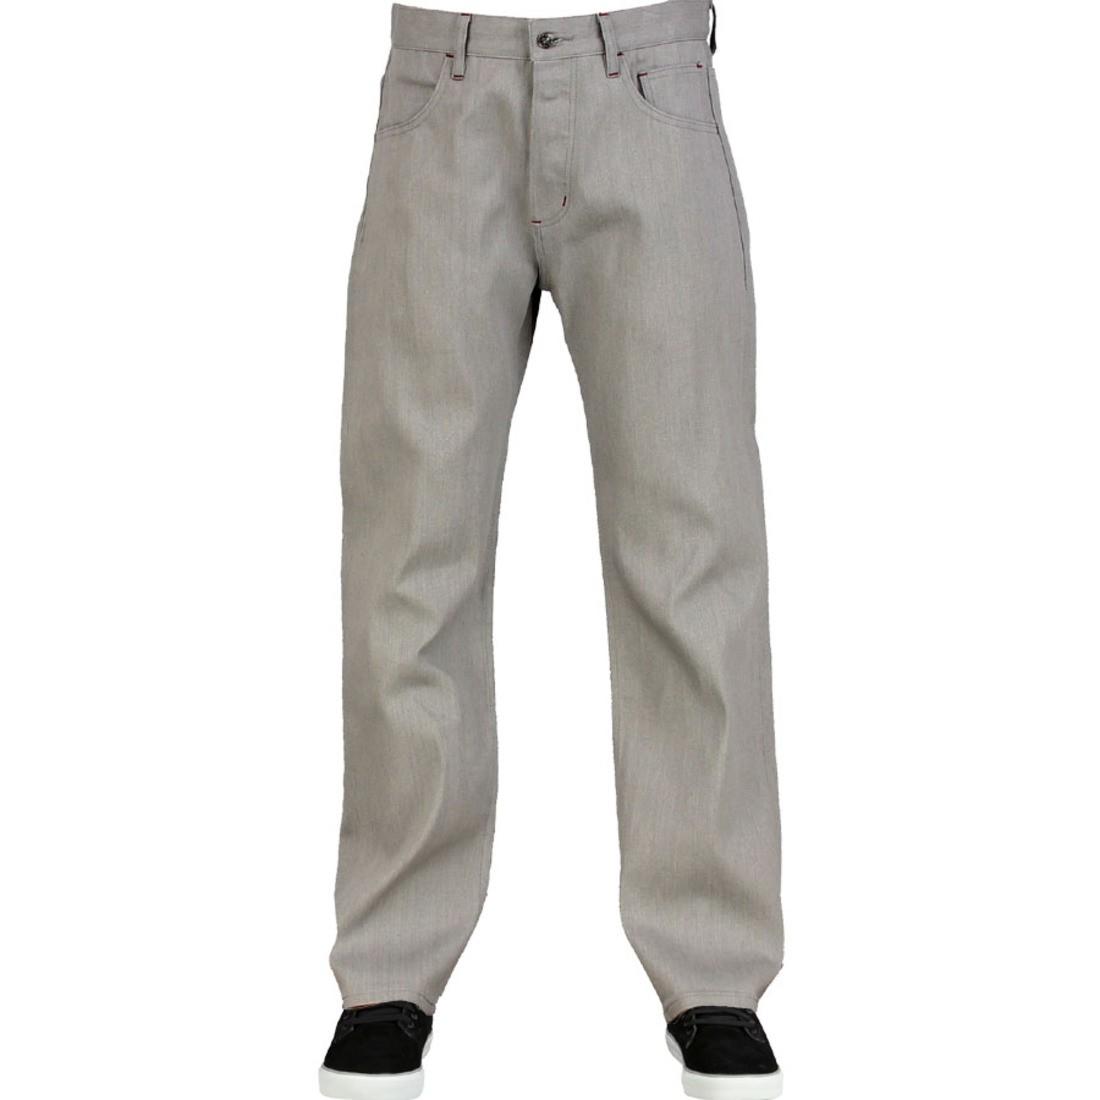 スタンダード メンズファッション ズボン パンツ メンズ 【 The Hundreds Cherokee Standard Jean (grey) 】 Grey